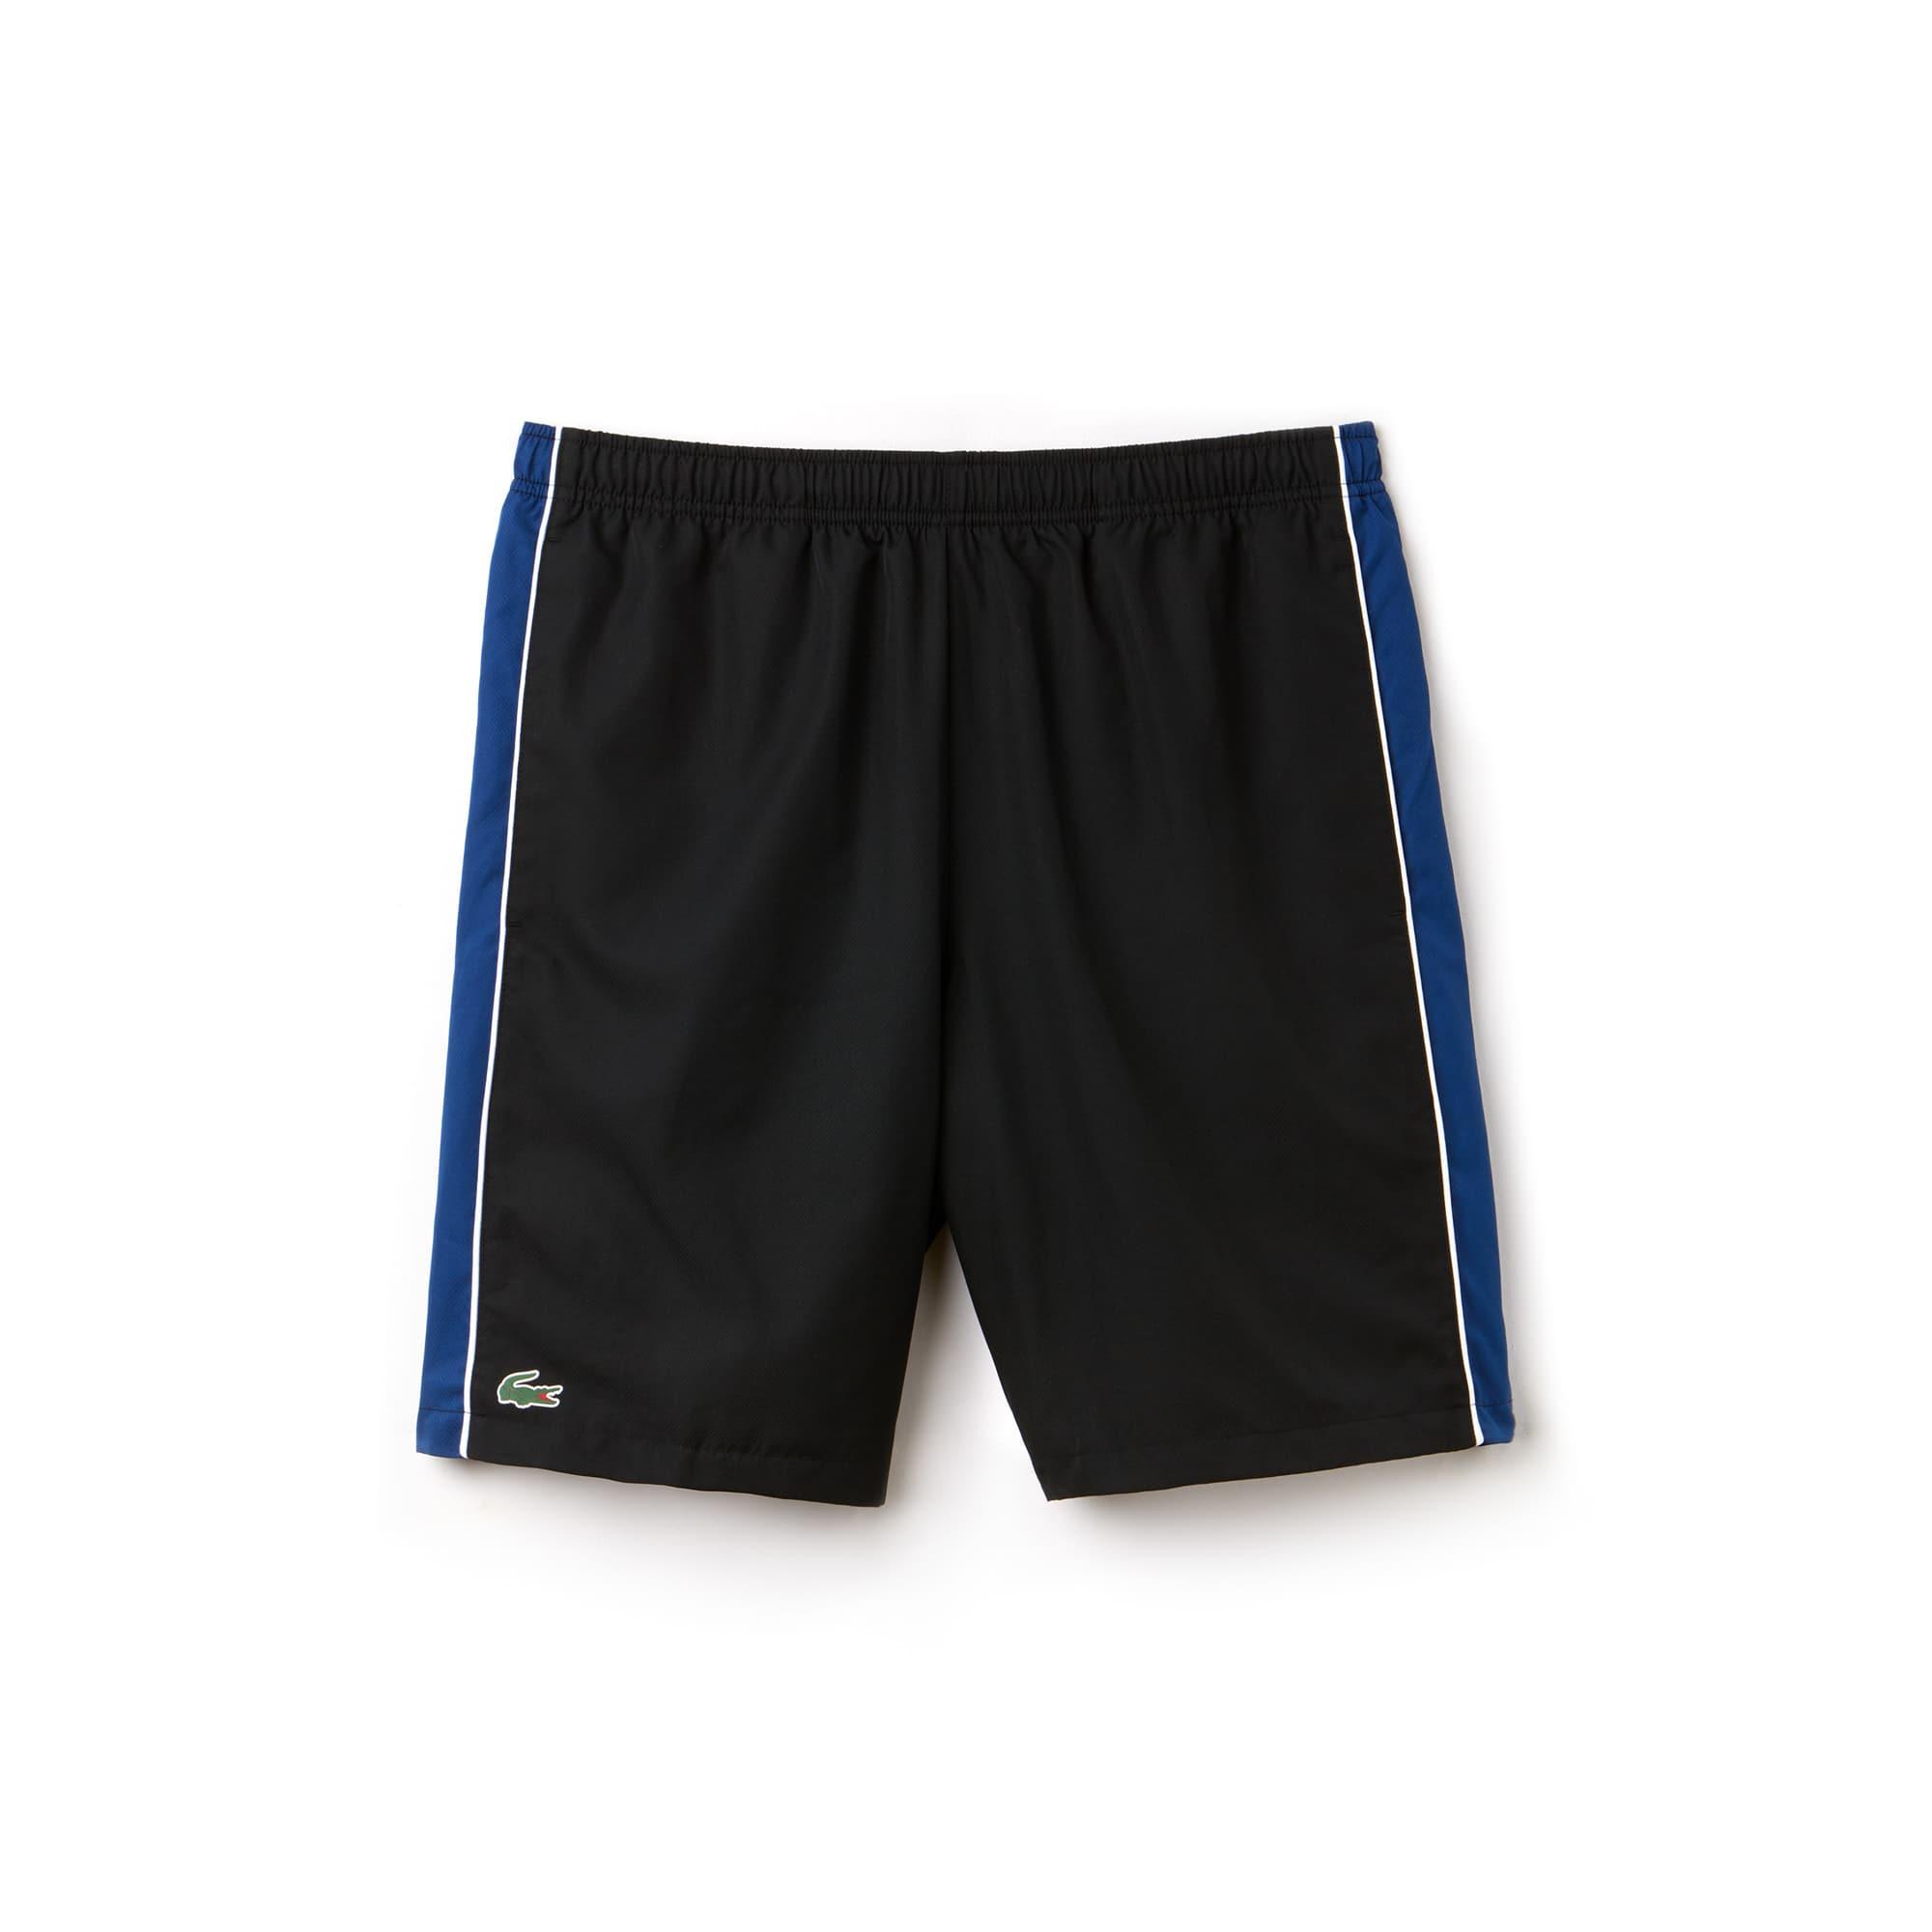 라코스테 스포츠 반바지 Lacoste Mens SPORT Colorblock Shorts - Novak Djokovic Collection,black/marino-white